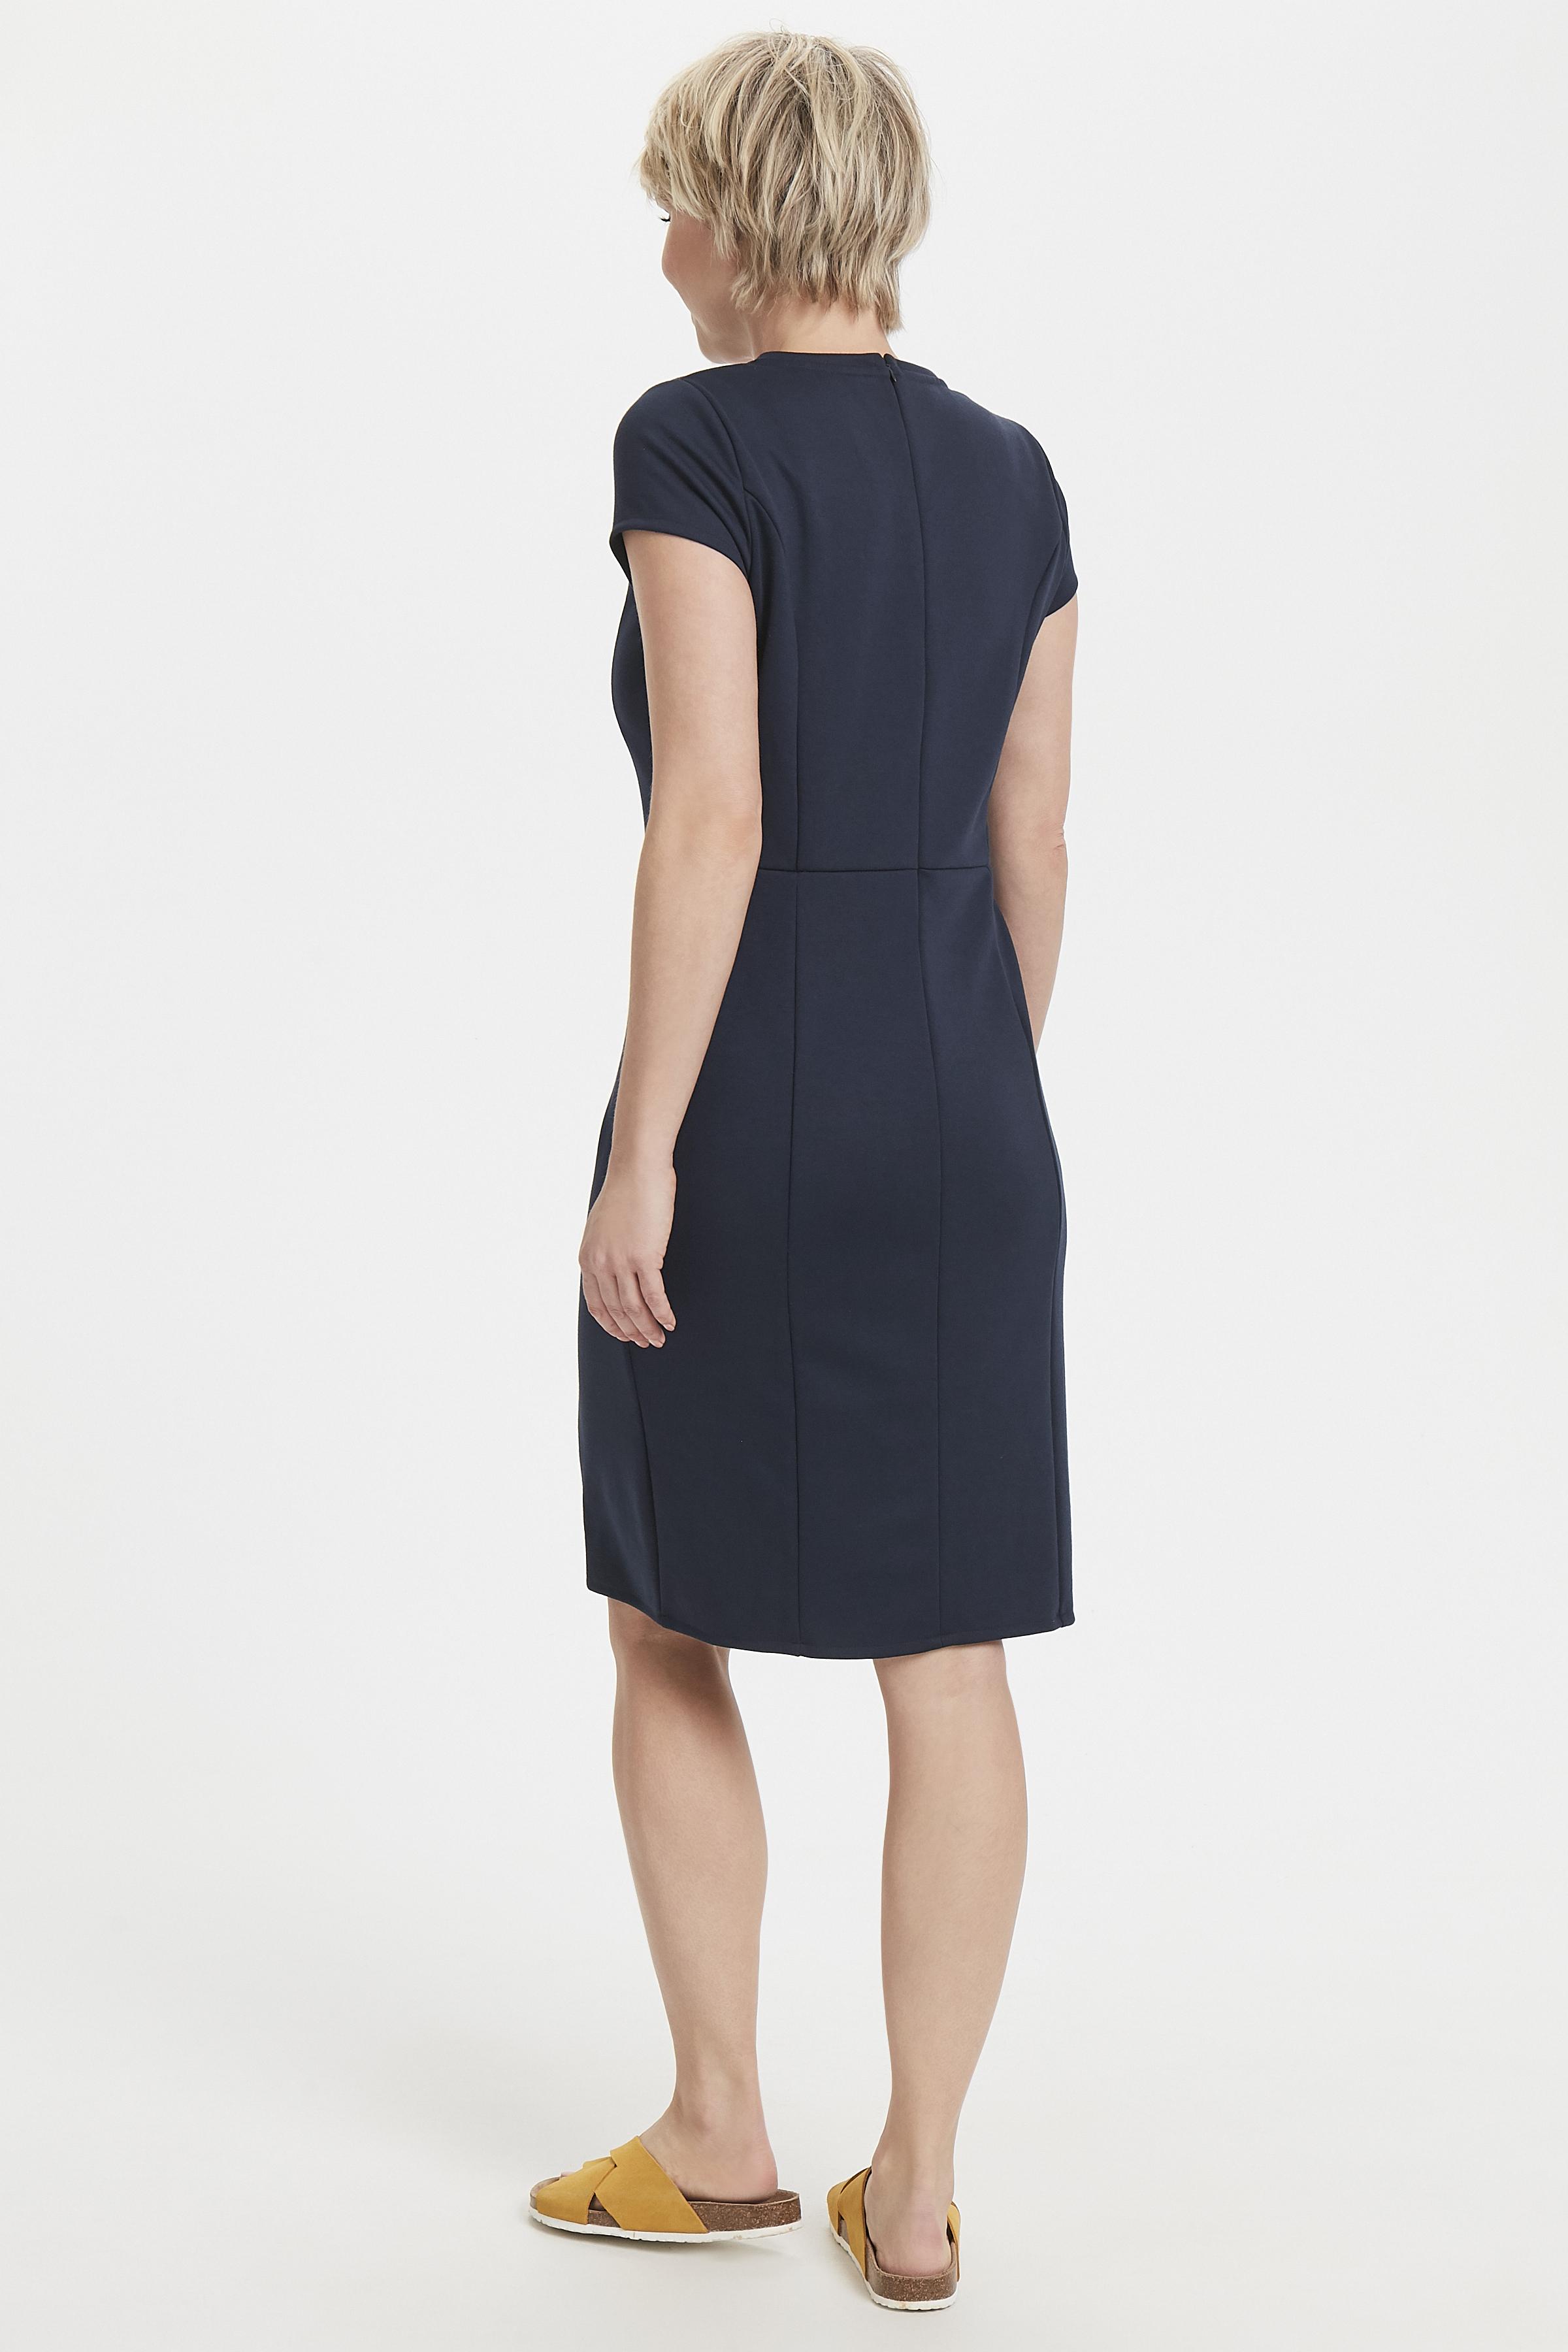 Mörkblå Klänning från Bon'A Parte – Köp Mörkblå Klänning från stl. S-2XL här